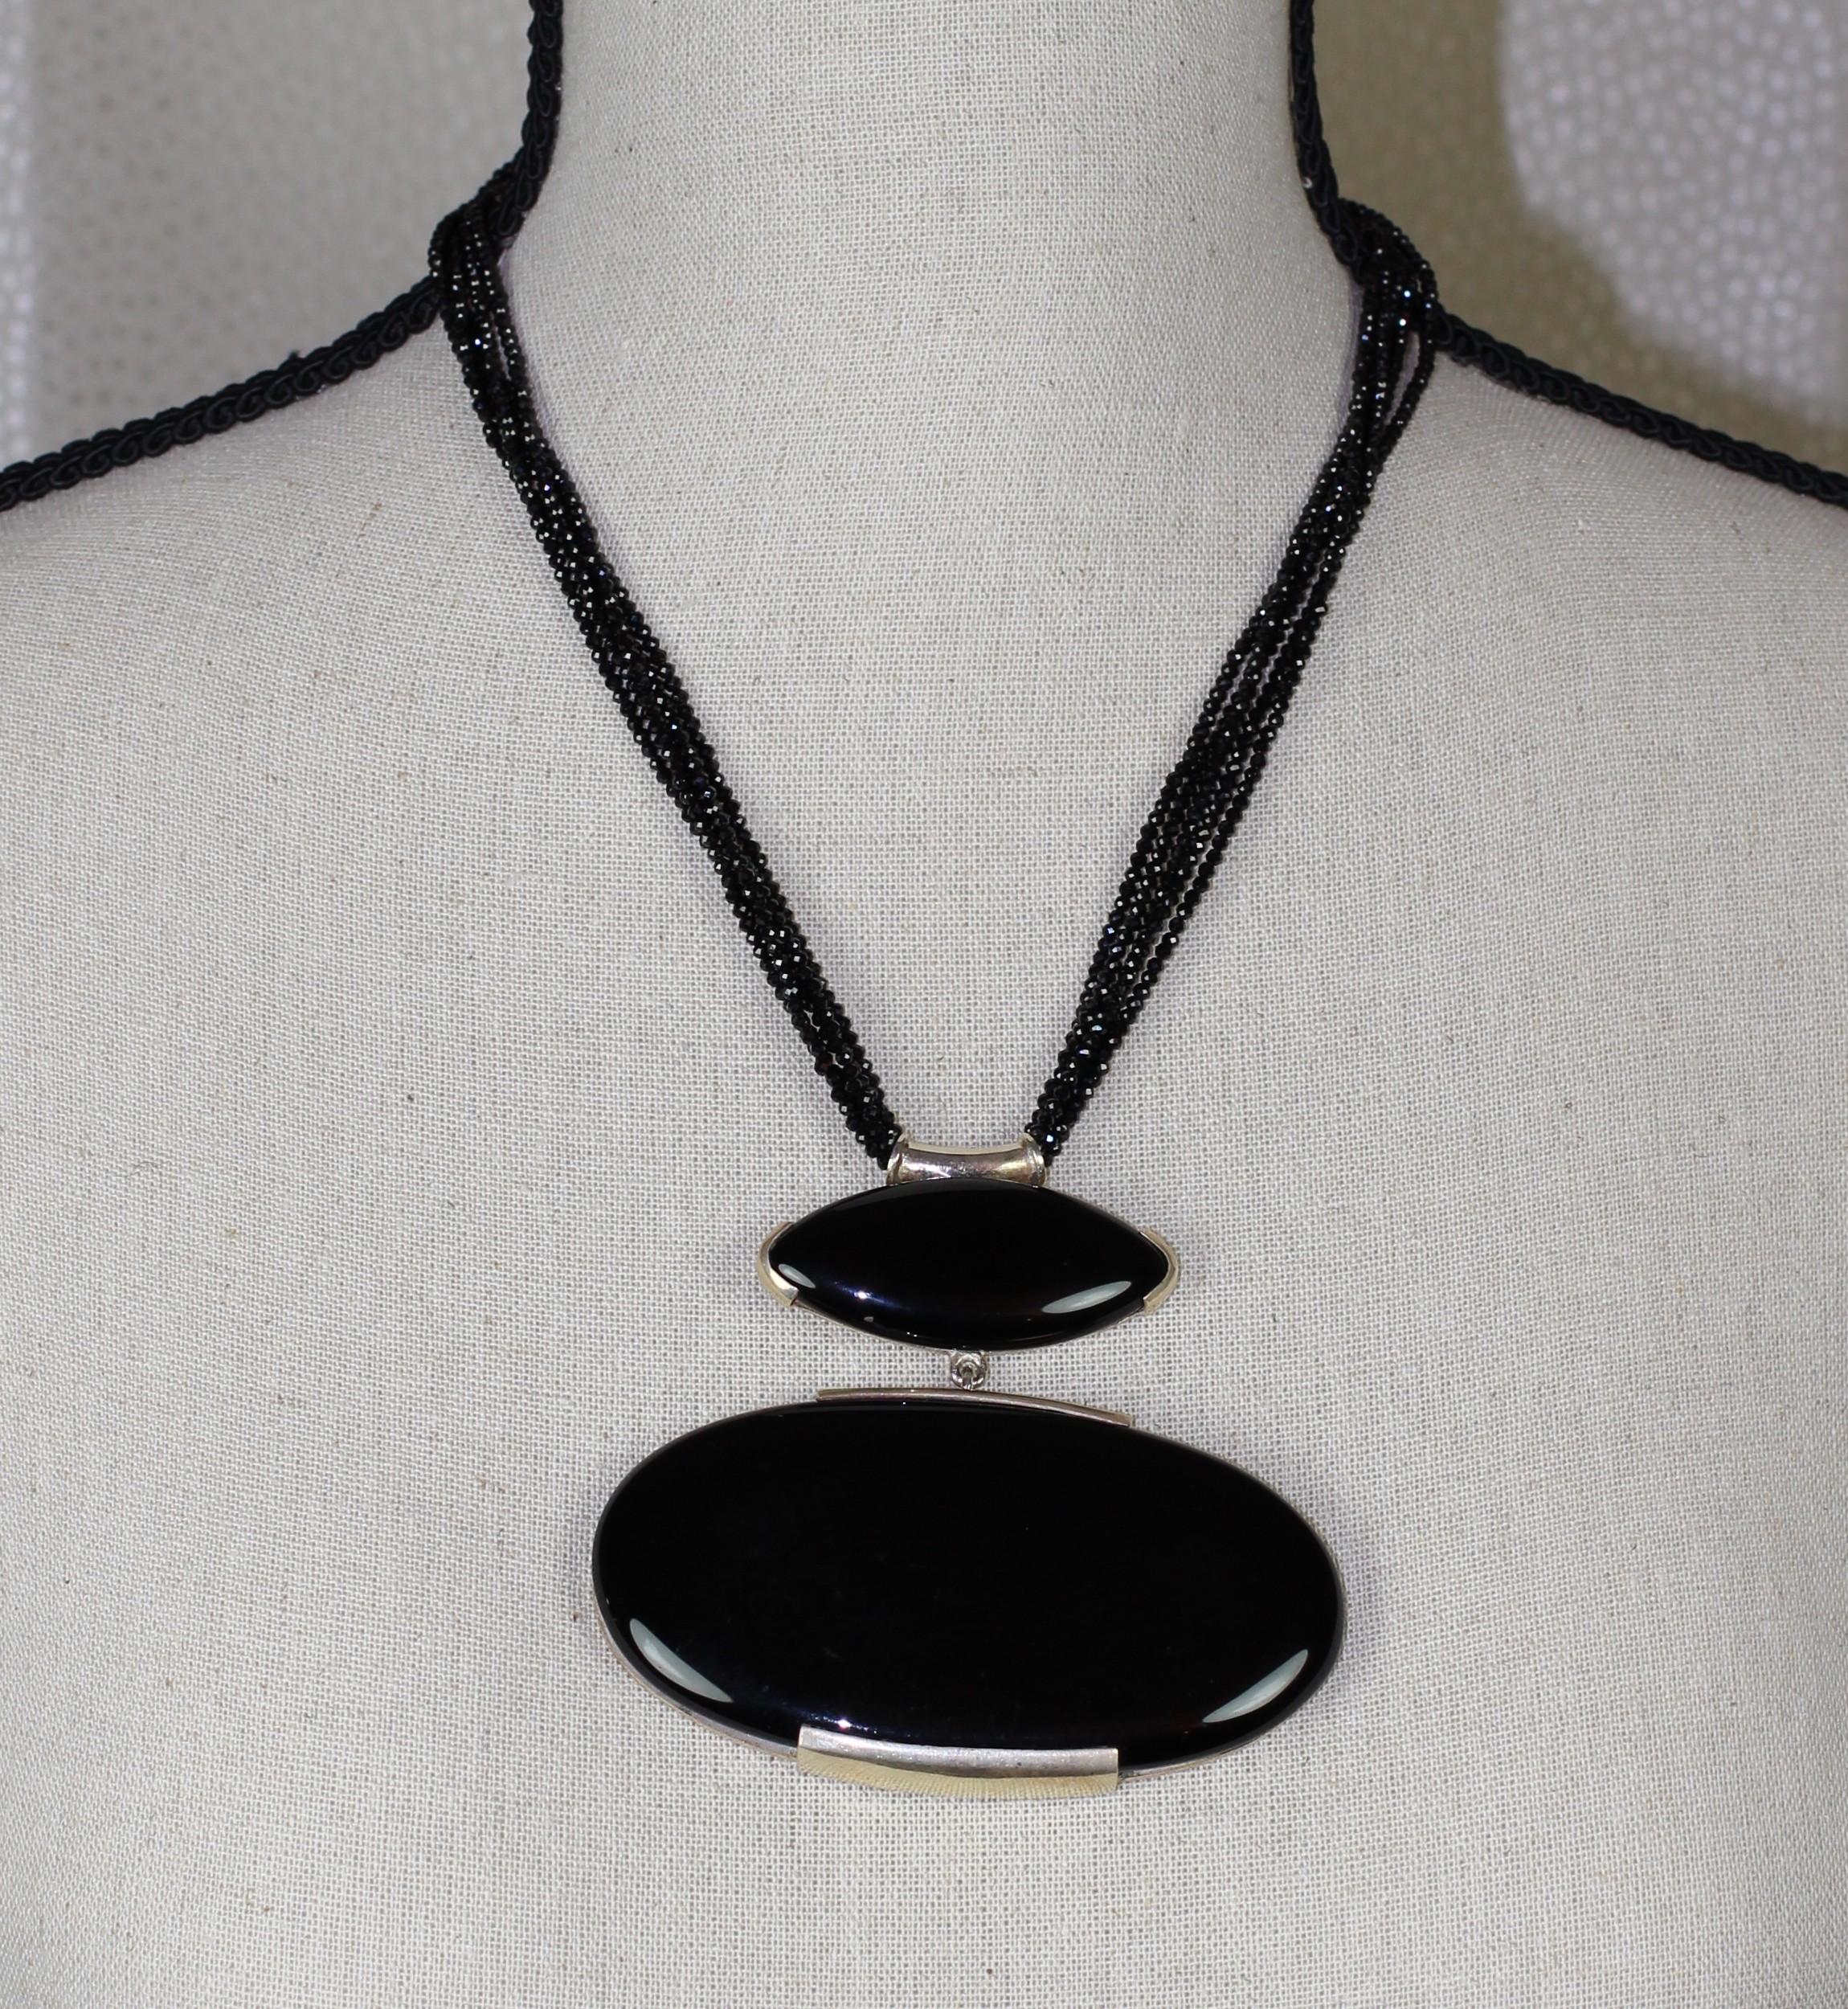 collier avec m daillon en onyx et argent 925. Black Bedroom Furniture Sets. Home Design Ideas